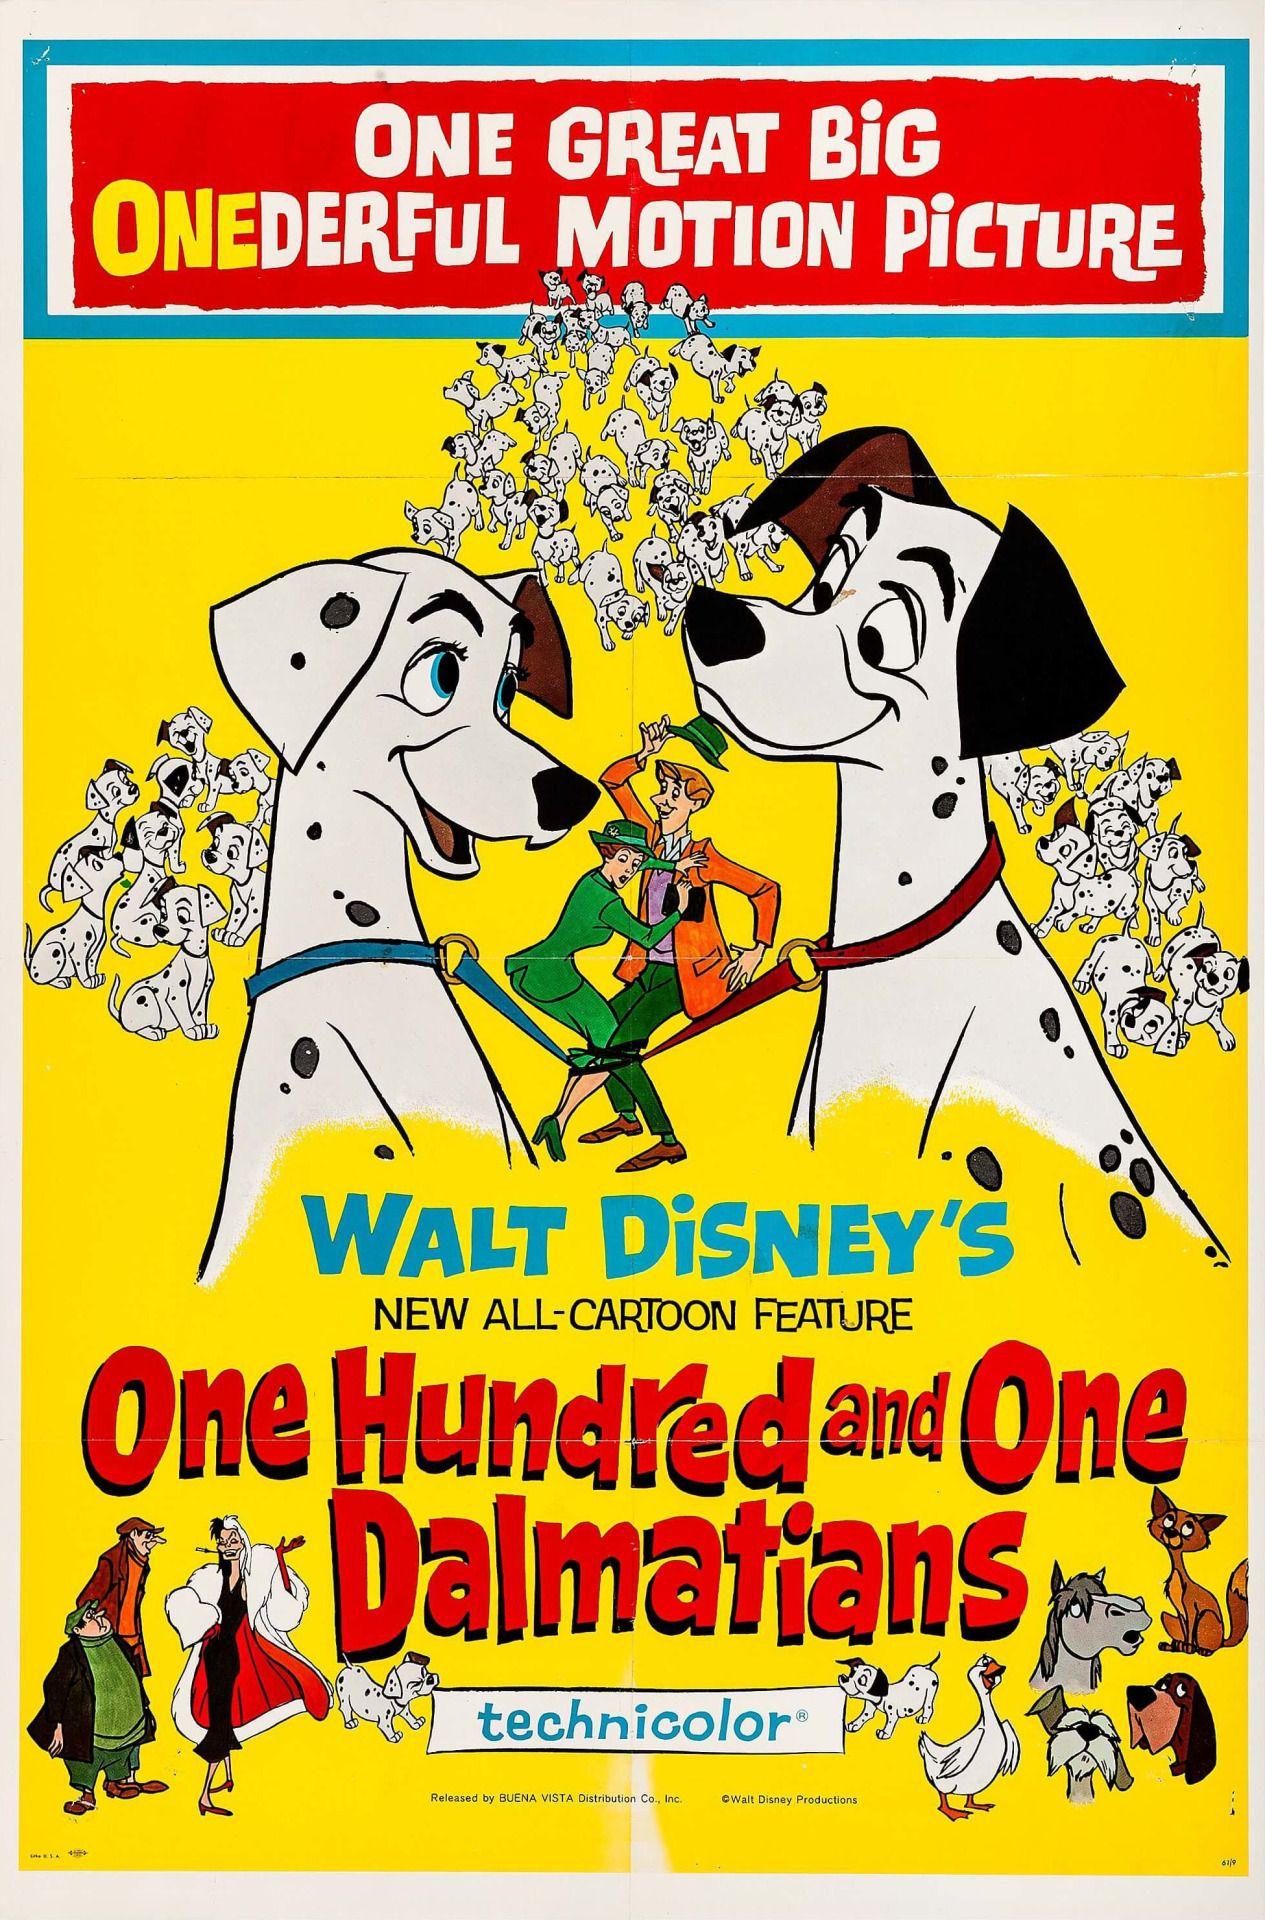 101 Dalmatas 101 Dalmatians De Wolfgang Reitherman Clyde Geronimi Y Hamilton Posteres De Disney De Epoca Carteles De Disney Animacion Disney